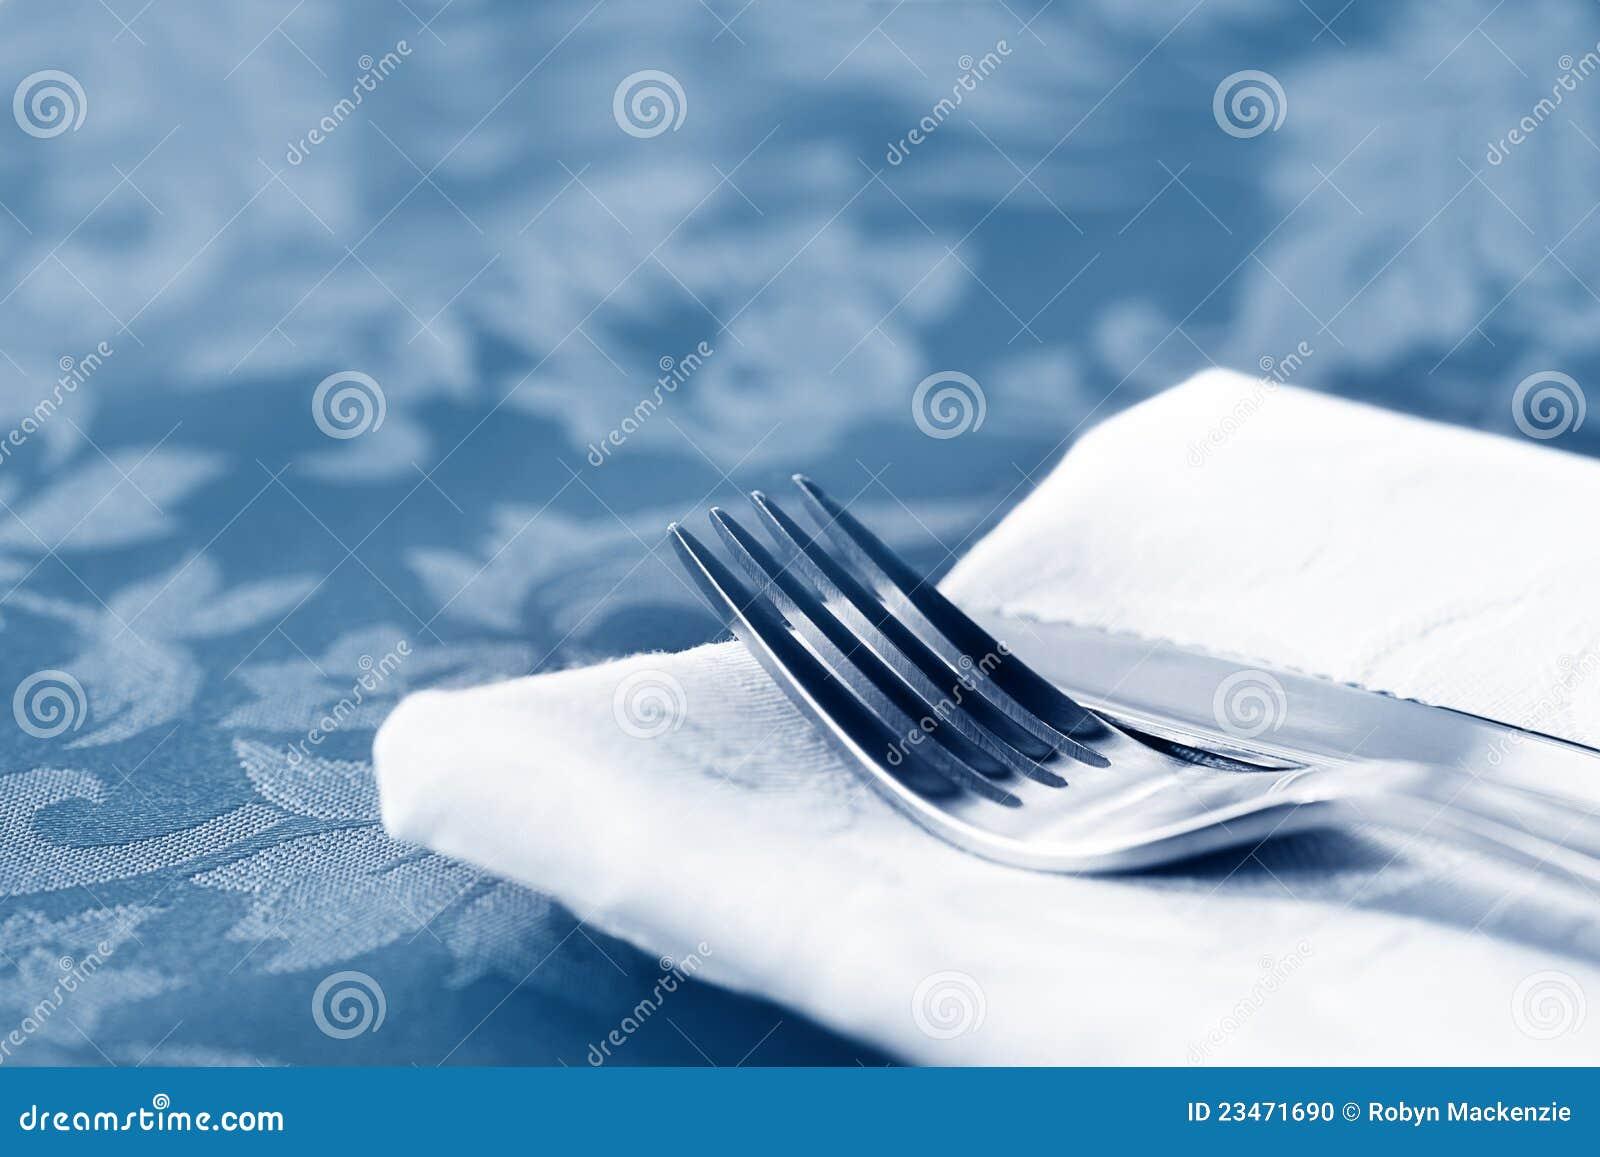 Cuchillería en el lino blanco sobre el brocado